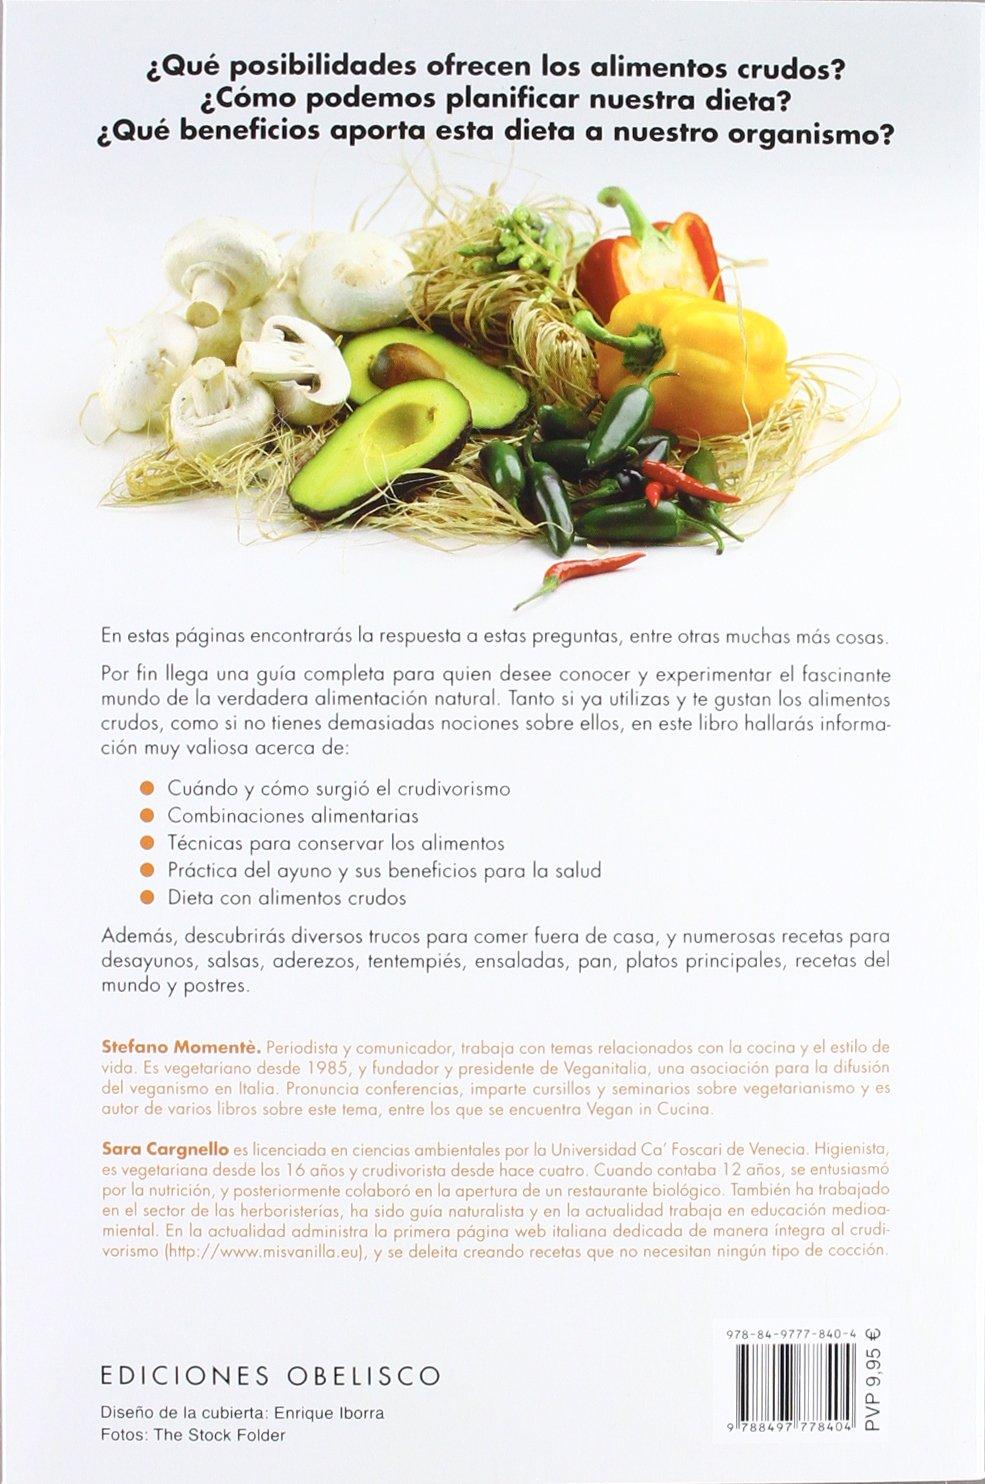 Solo crudo (Spanish Edition): Stefano Momente, Sara Cargnello: 9788497778404: Amazon.com: Books